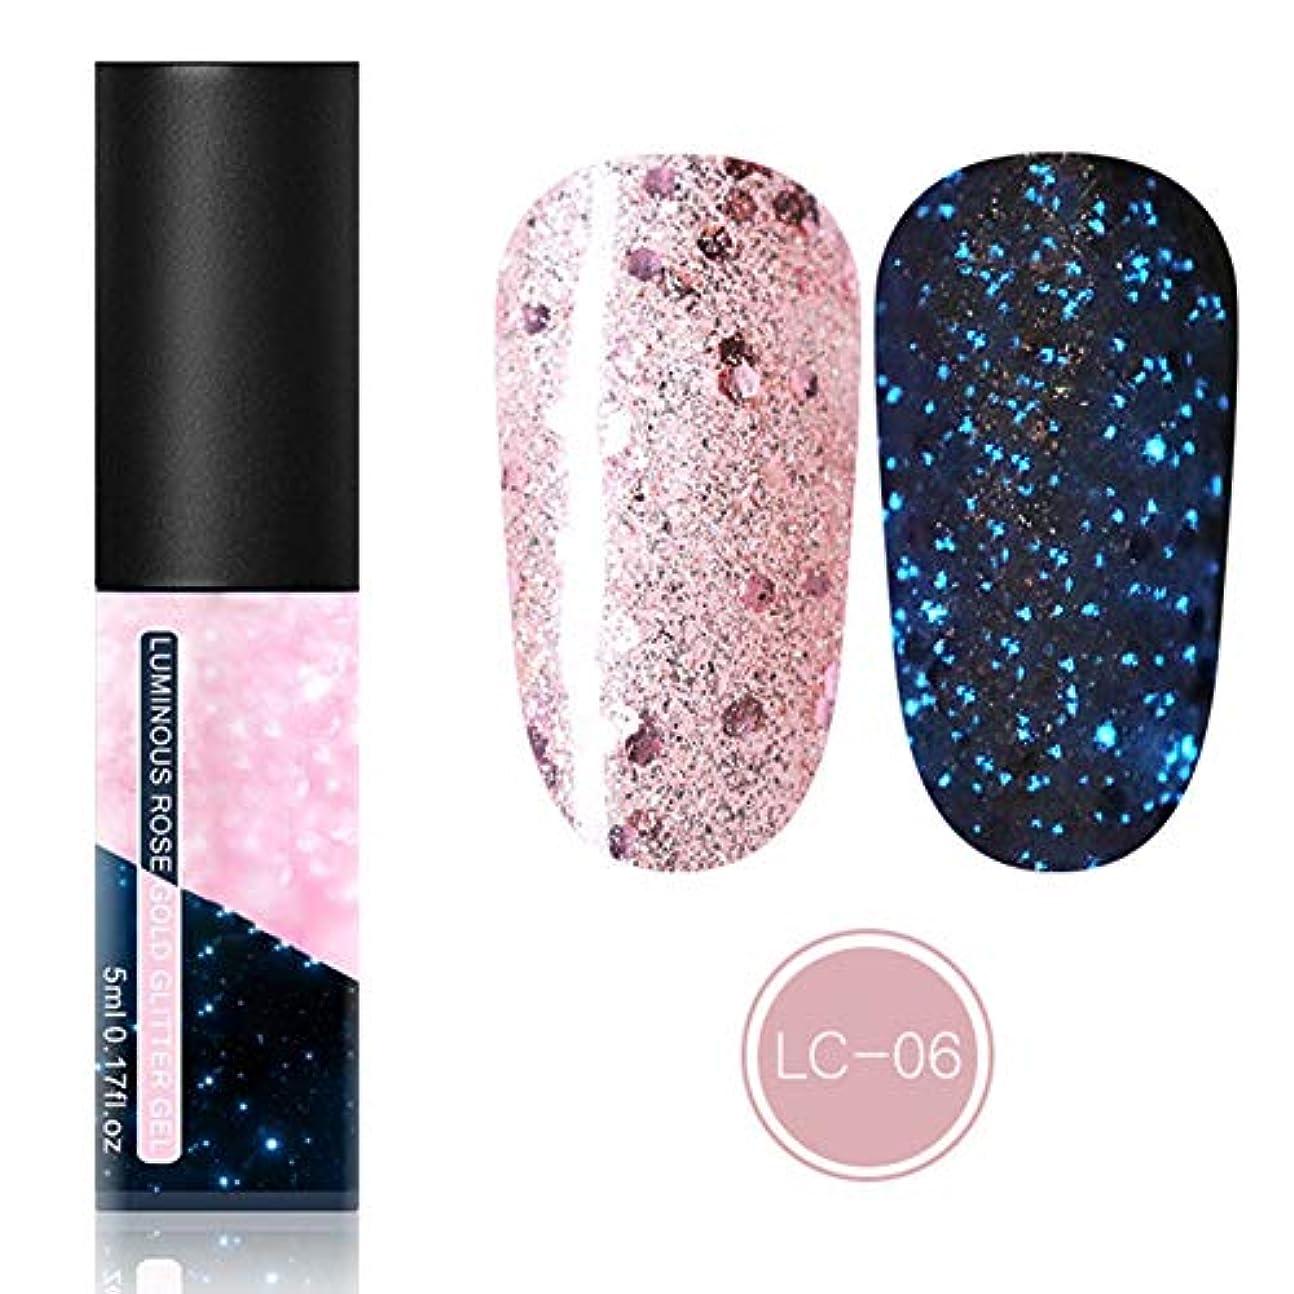 槍販売員分散feelingood Gel Nail Polish,Fluorescent Gel Nail Polish Glow in Dark Nail Enamel Varnish Gel Manicure Supply